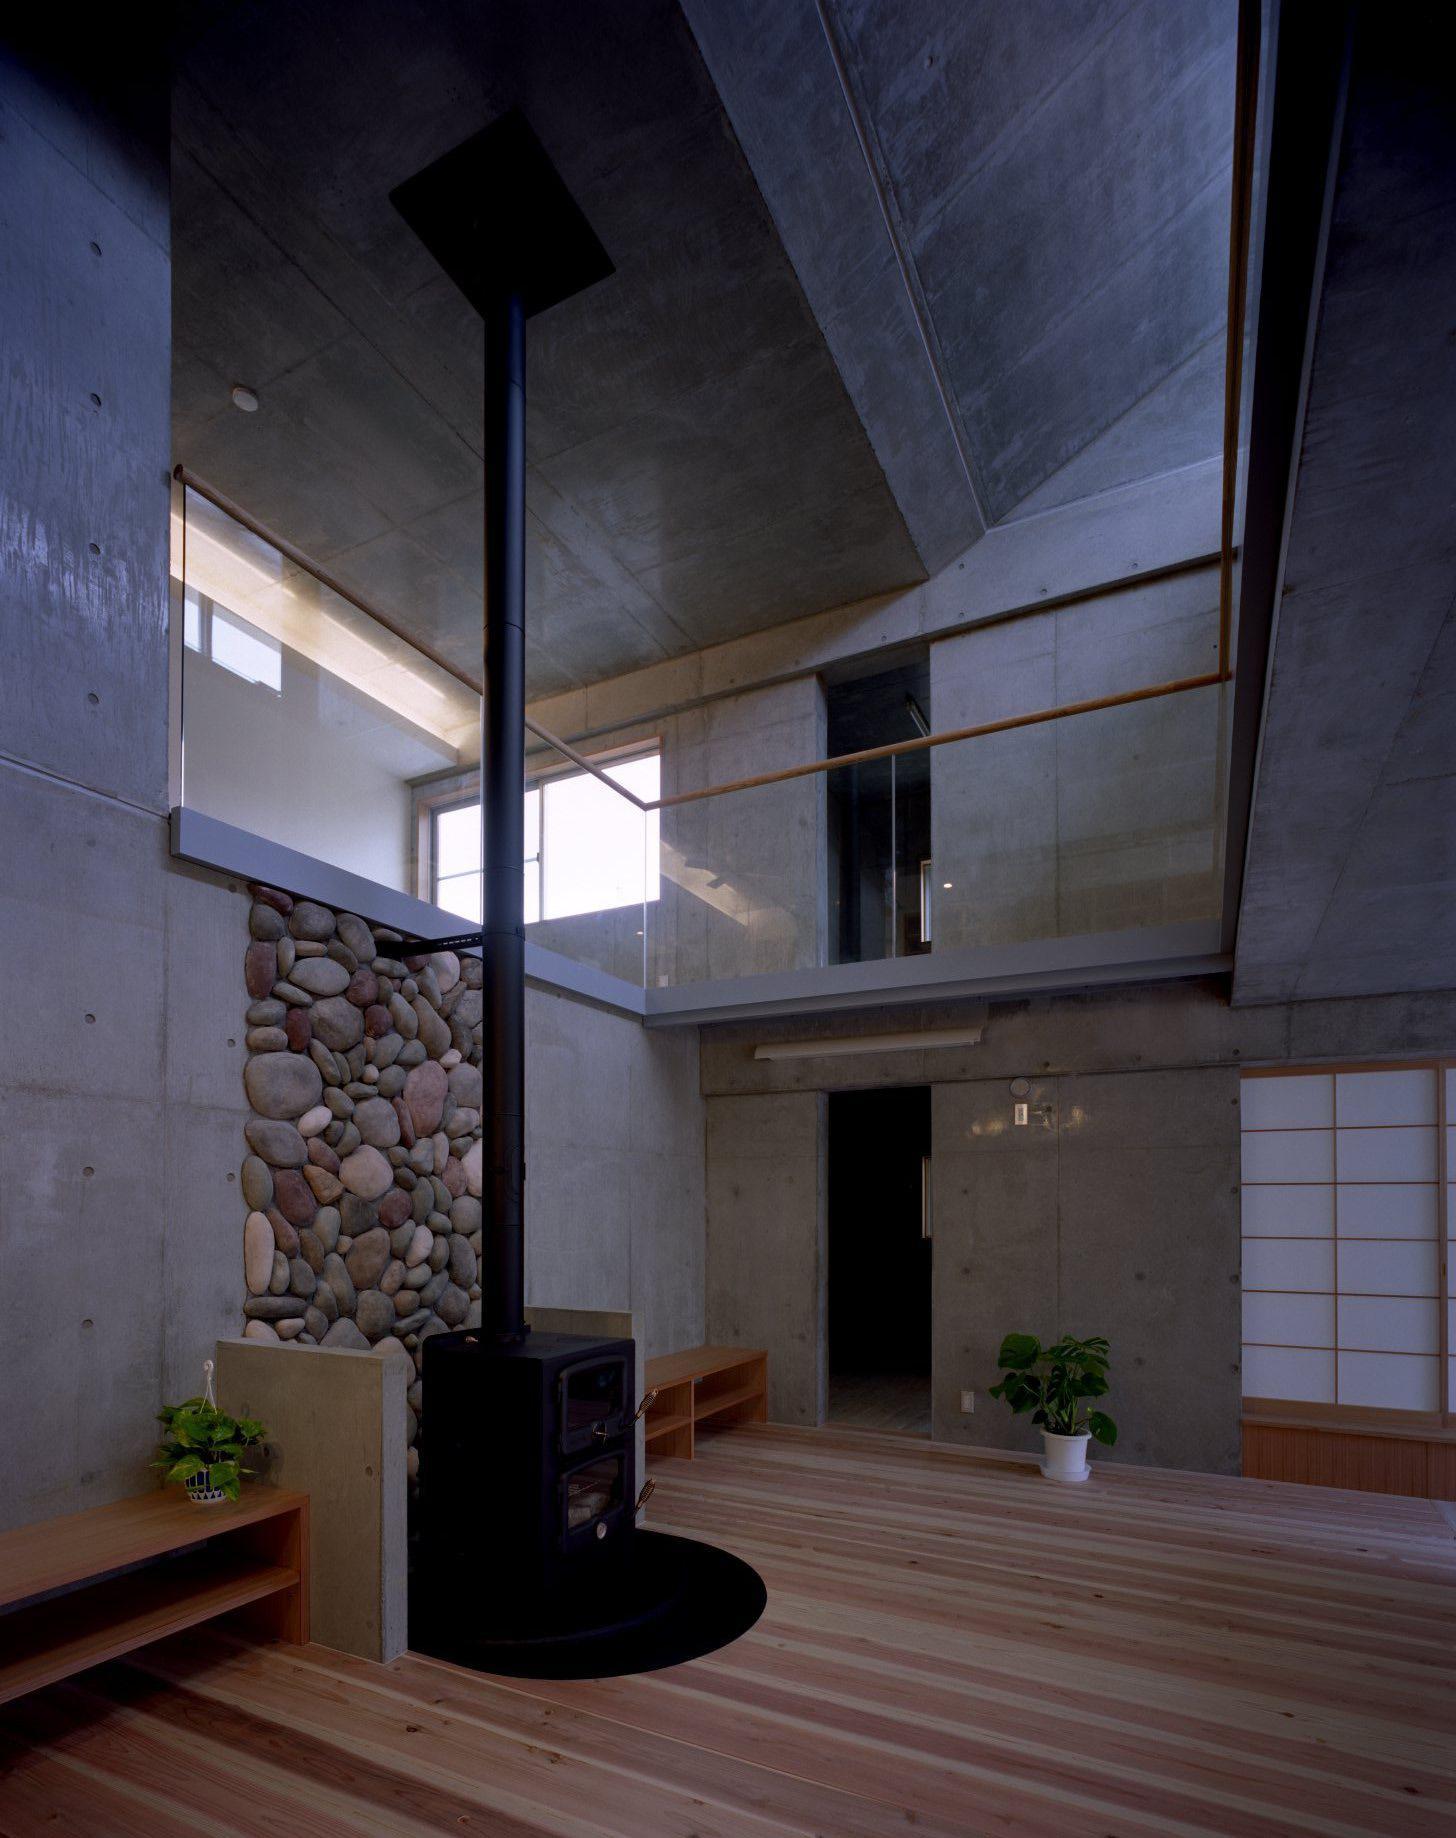 東京都世田谷区 M邸の部屋 暖炉スペース